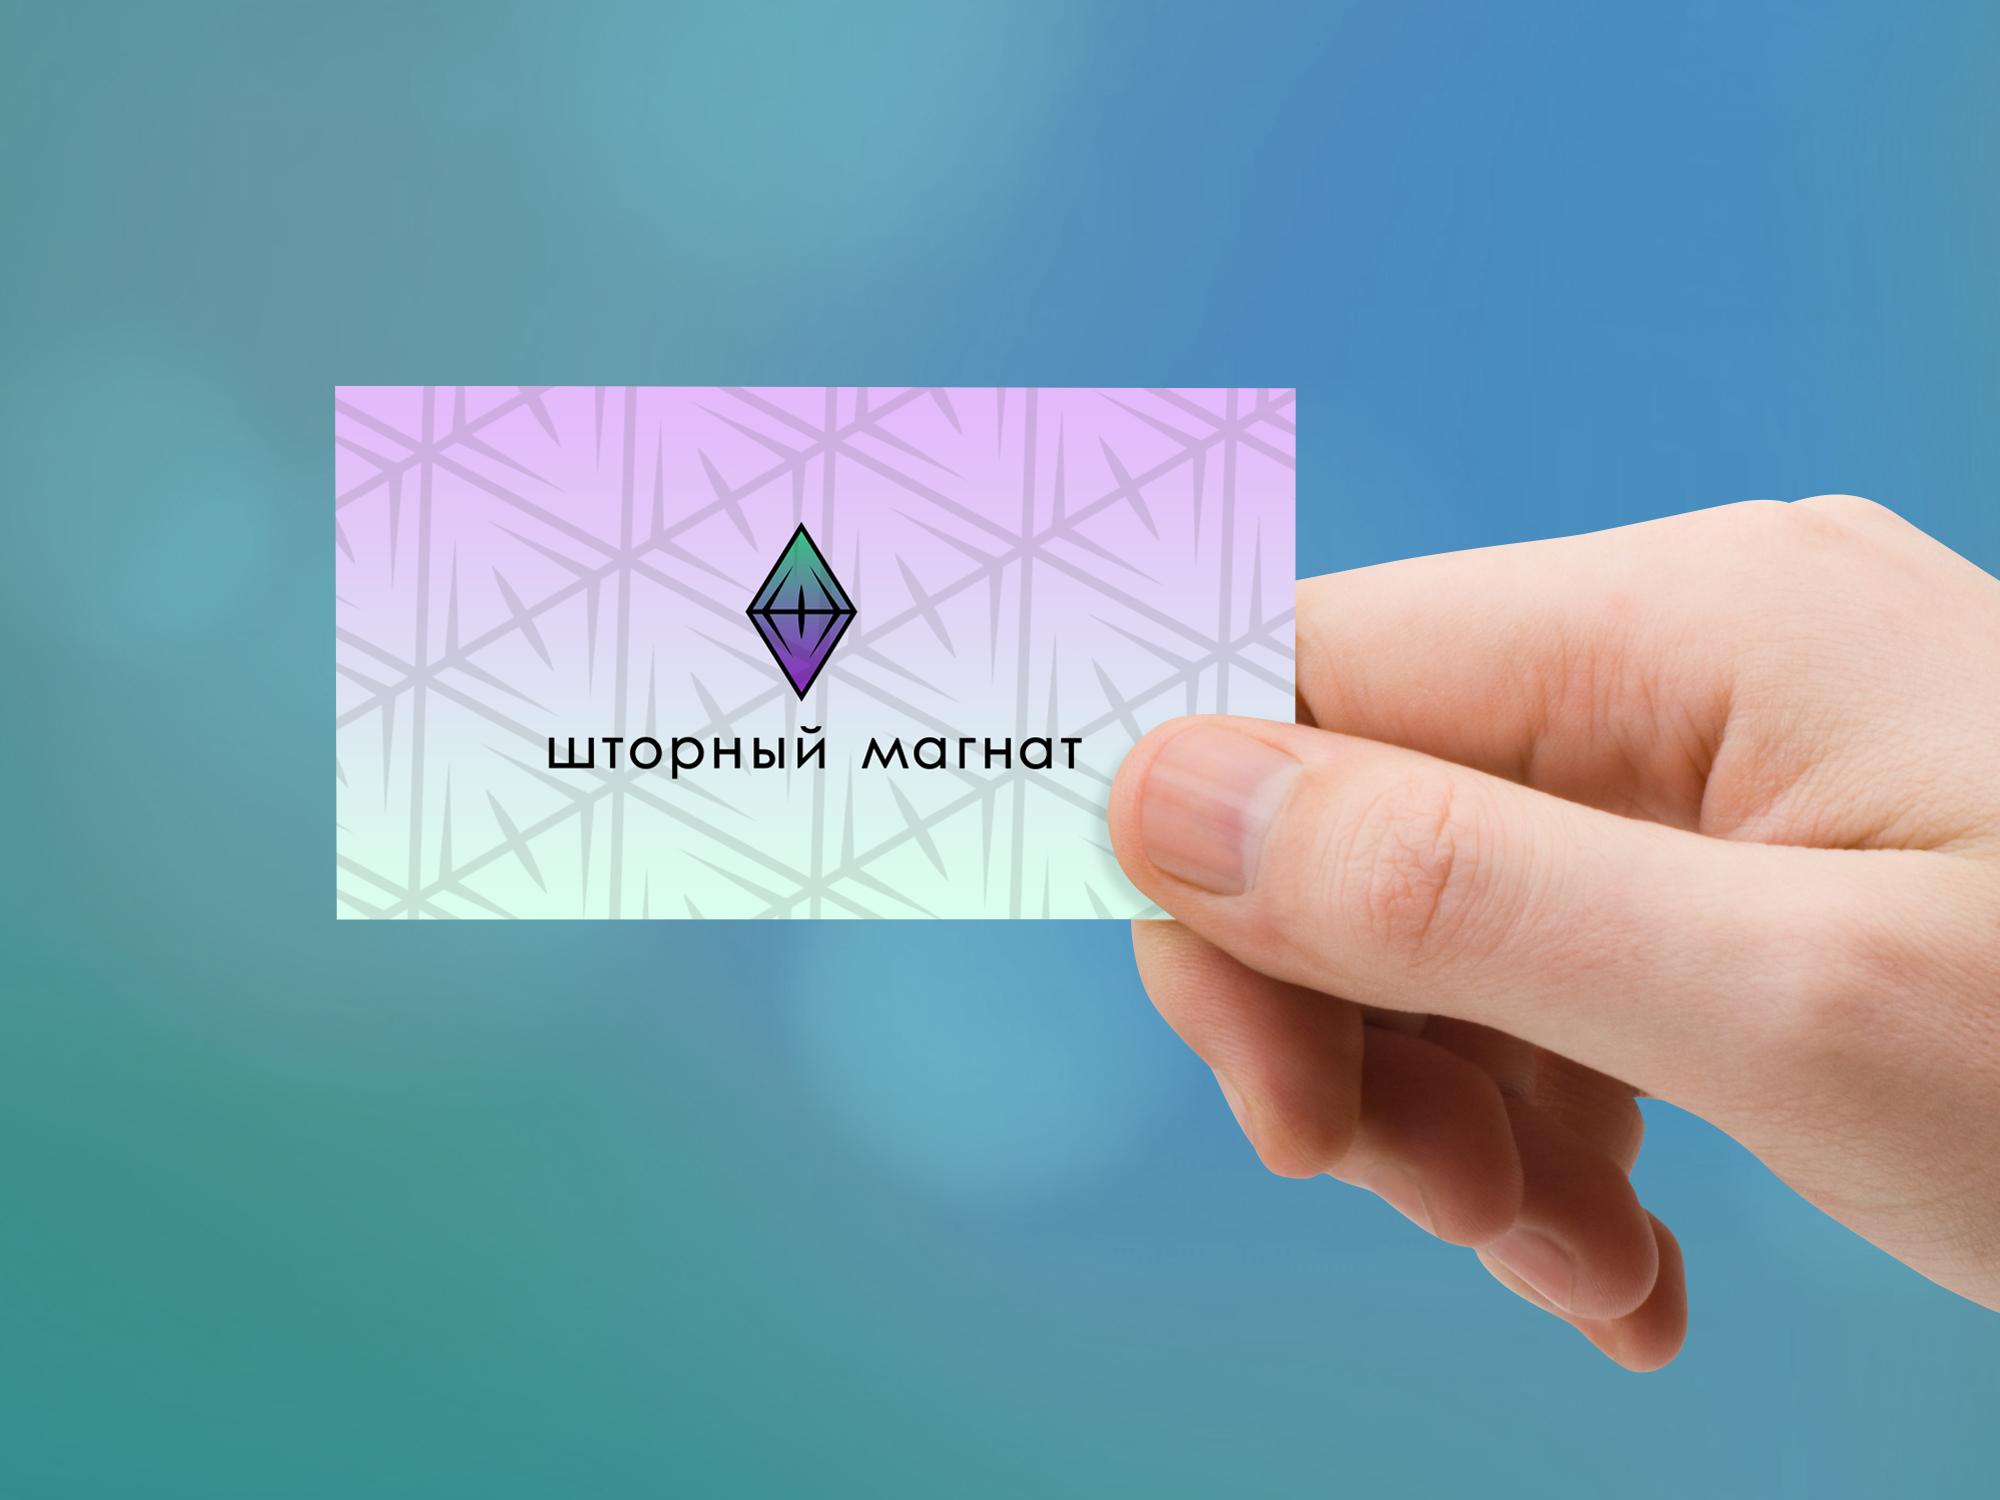 Логотип и фирменный стиль для магазина тканей. фото f_2225cd9e81de2a13.jpg